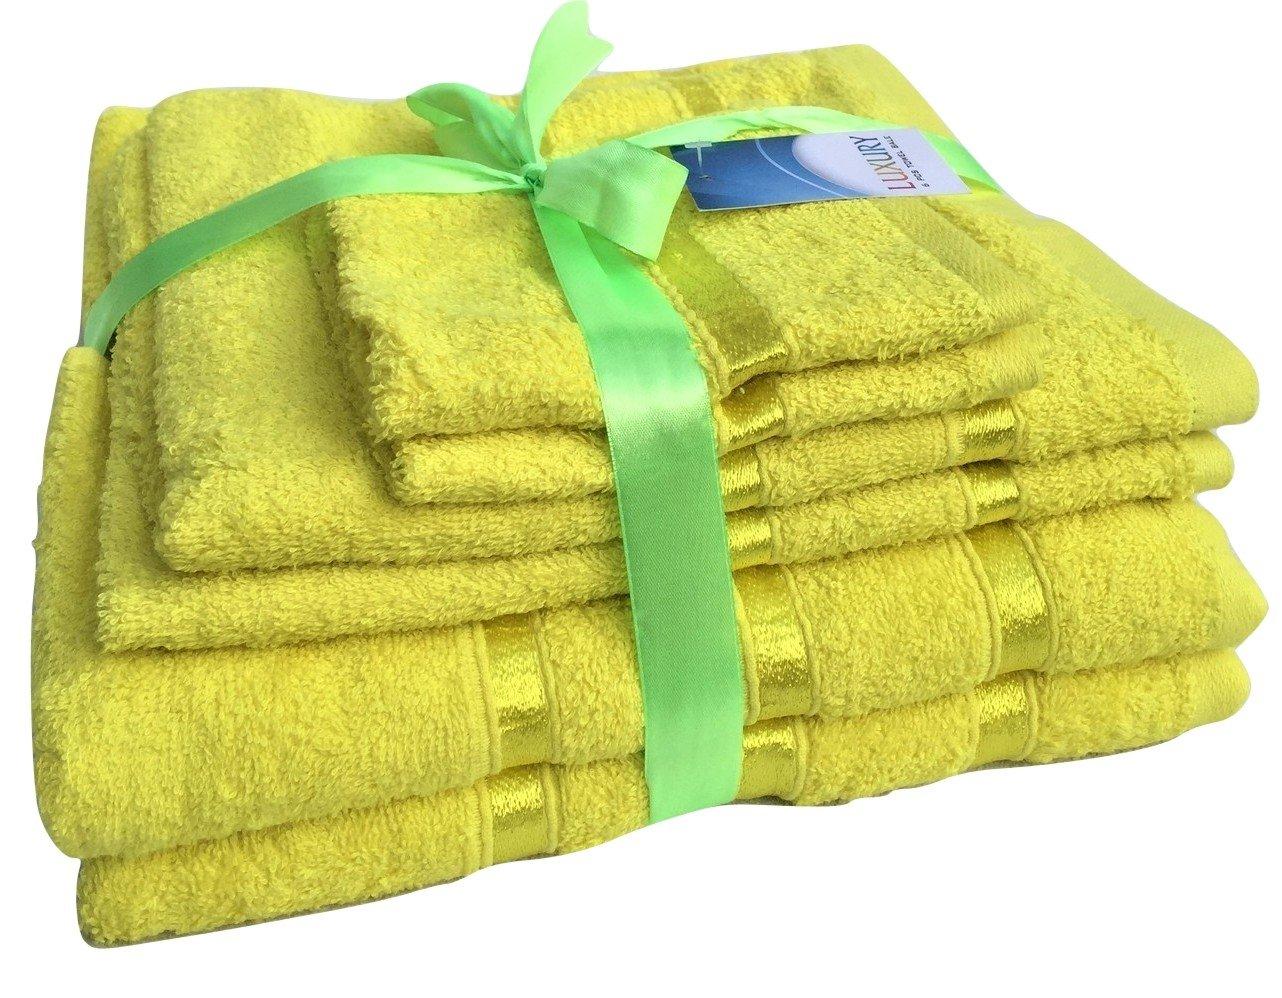 Juego de toallas glamaxx Supreme 100% algodón, 500g/m², 4o 3unidades, toalla de baño, toalla para la cara, toalla de mano, Lilac, Juego de 3 piezas 500g/m² 4o 3unidades toalla de baño LILC-3BLE